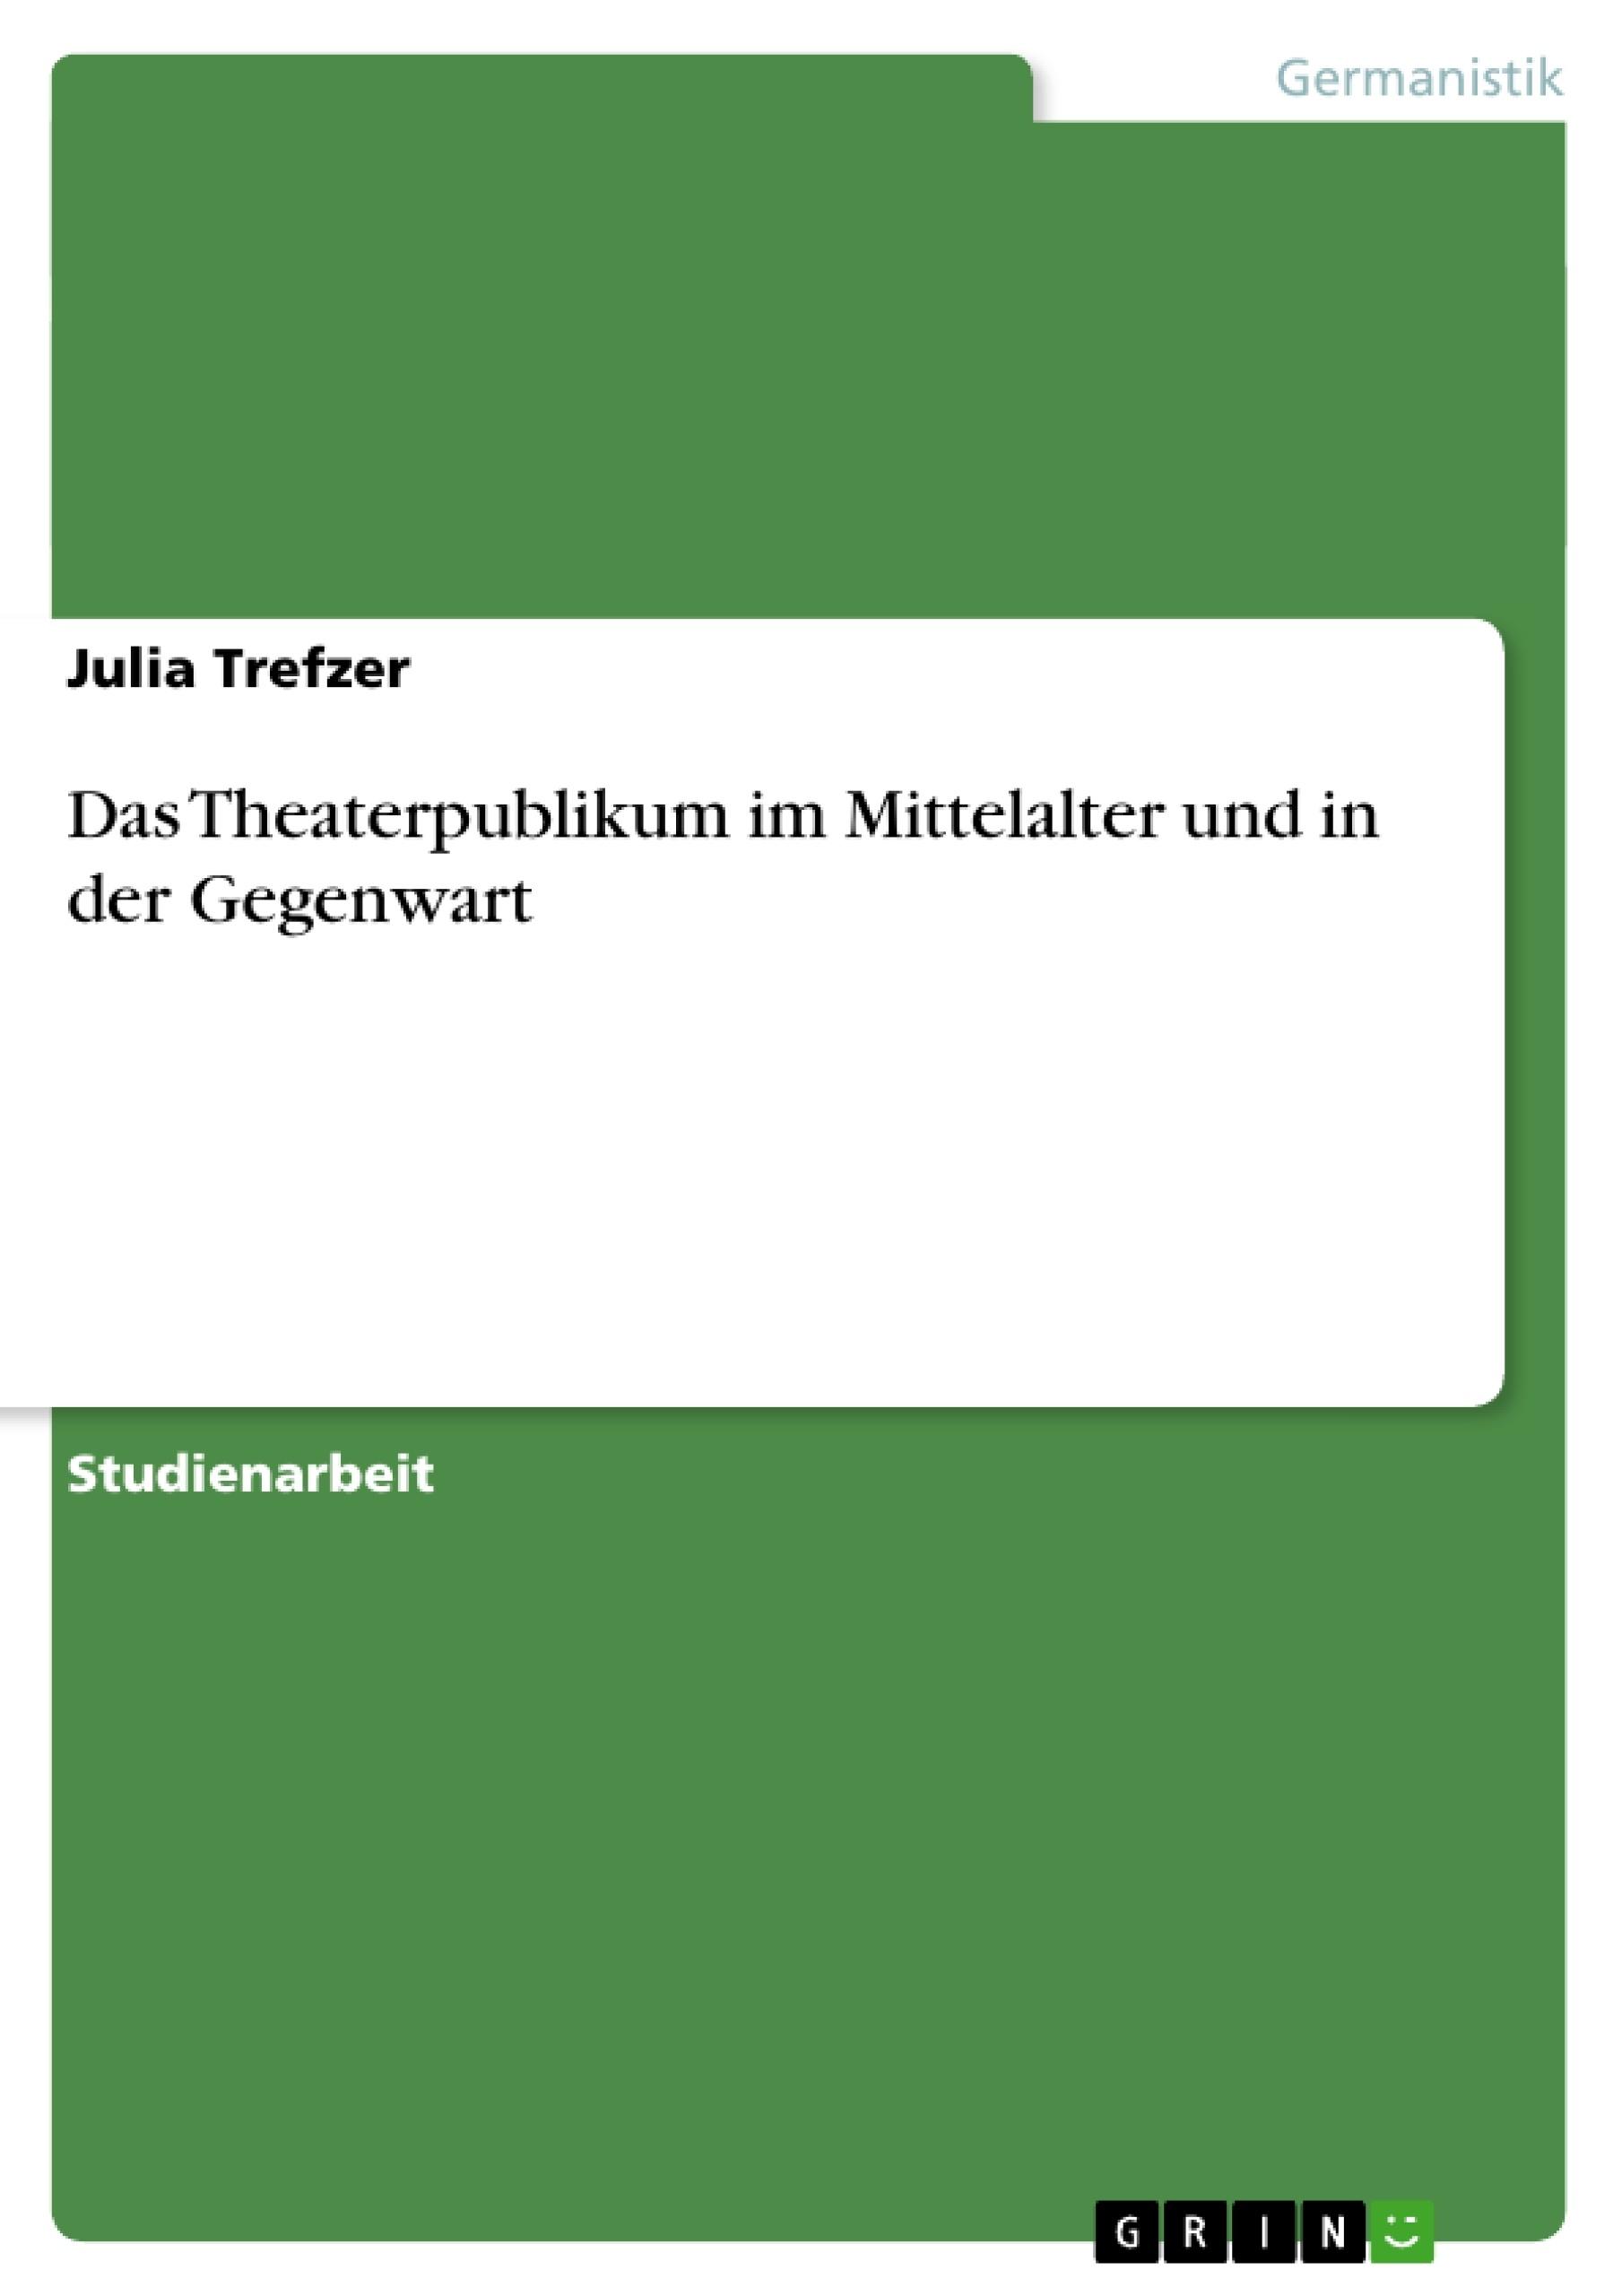 Titel: Das Theaterpublikum im Mittelalter und in der Gegenwart